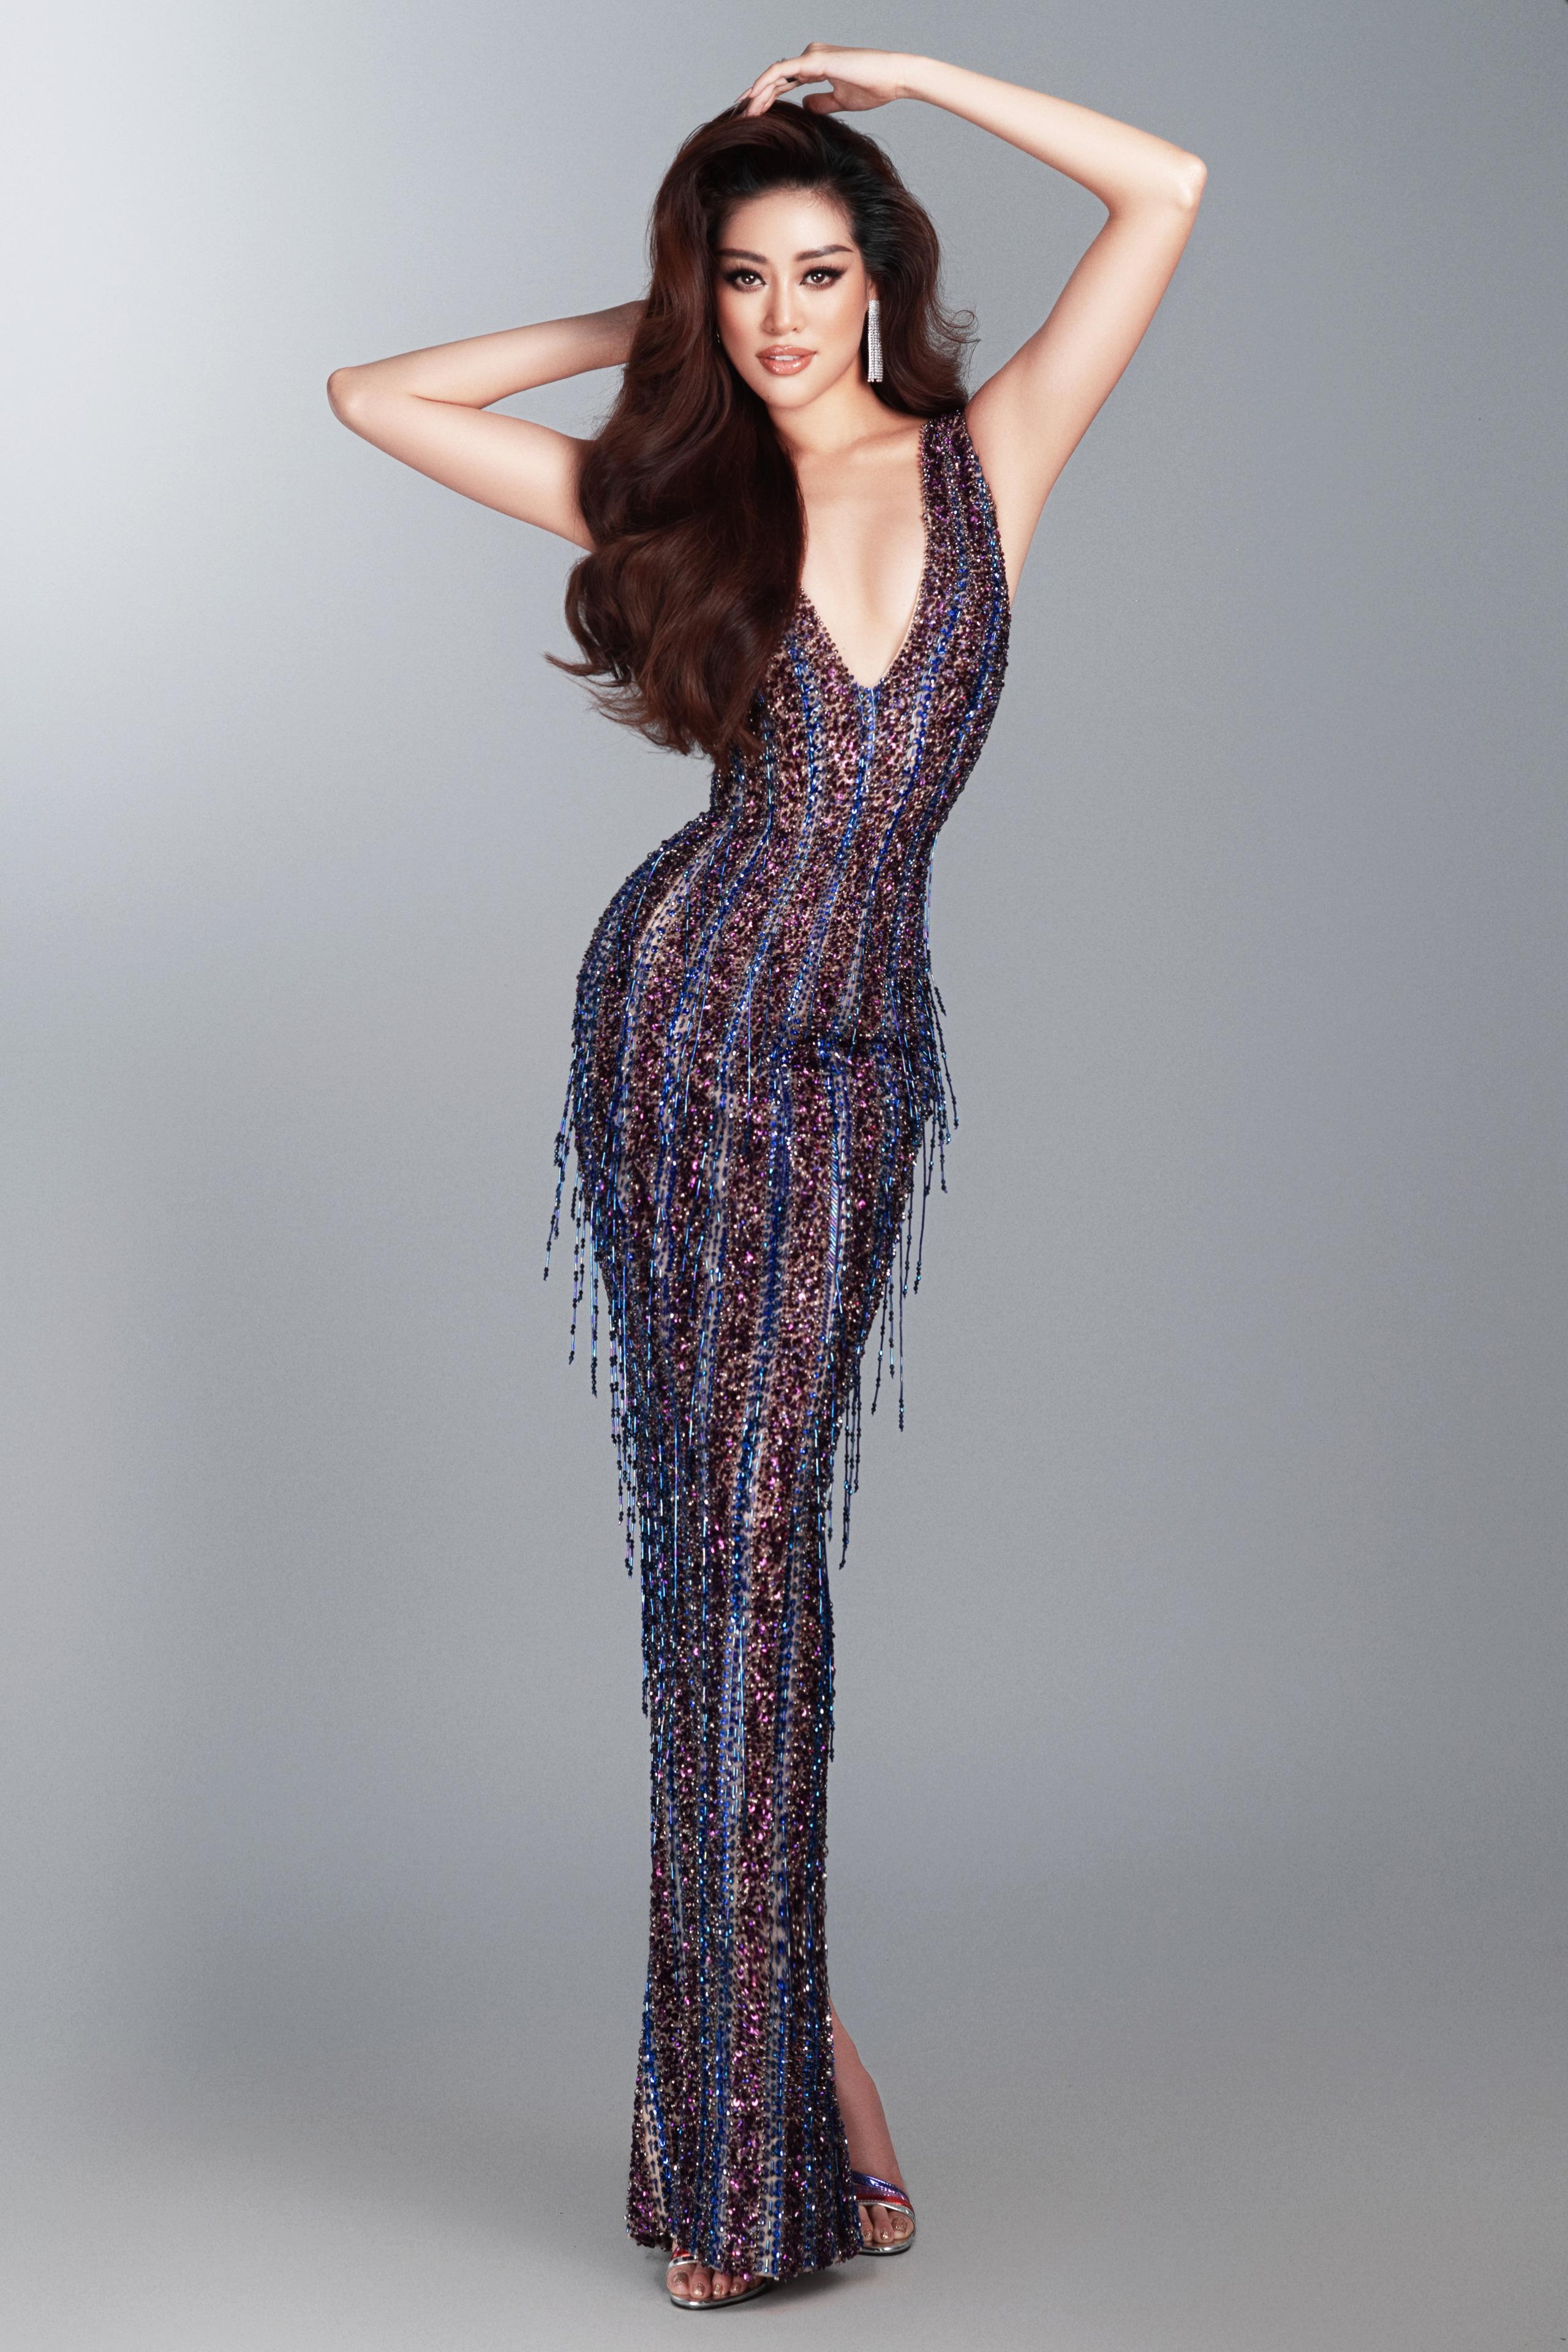 Khánh Vân hé lộ trang phục dạ hội nóng bỏng trước thềm bán kết Miss Universe 2020 - Ảnh 7.